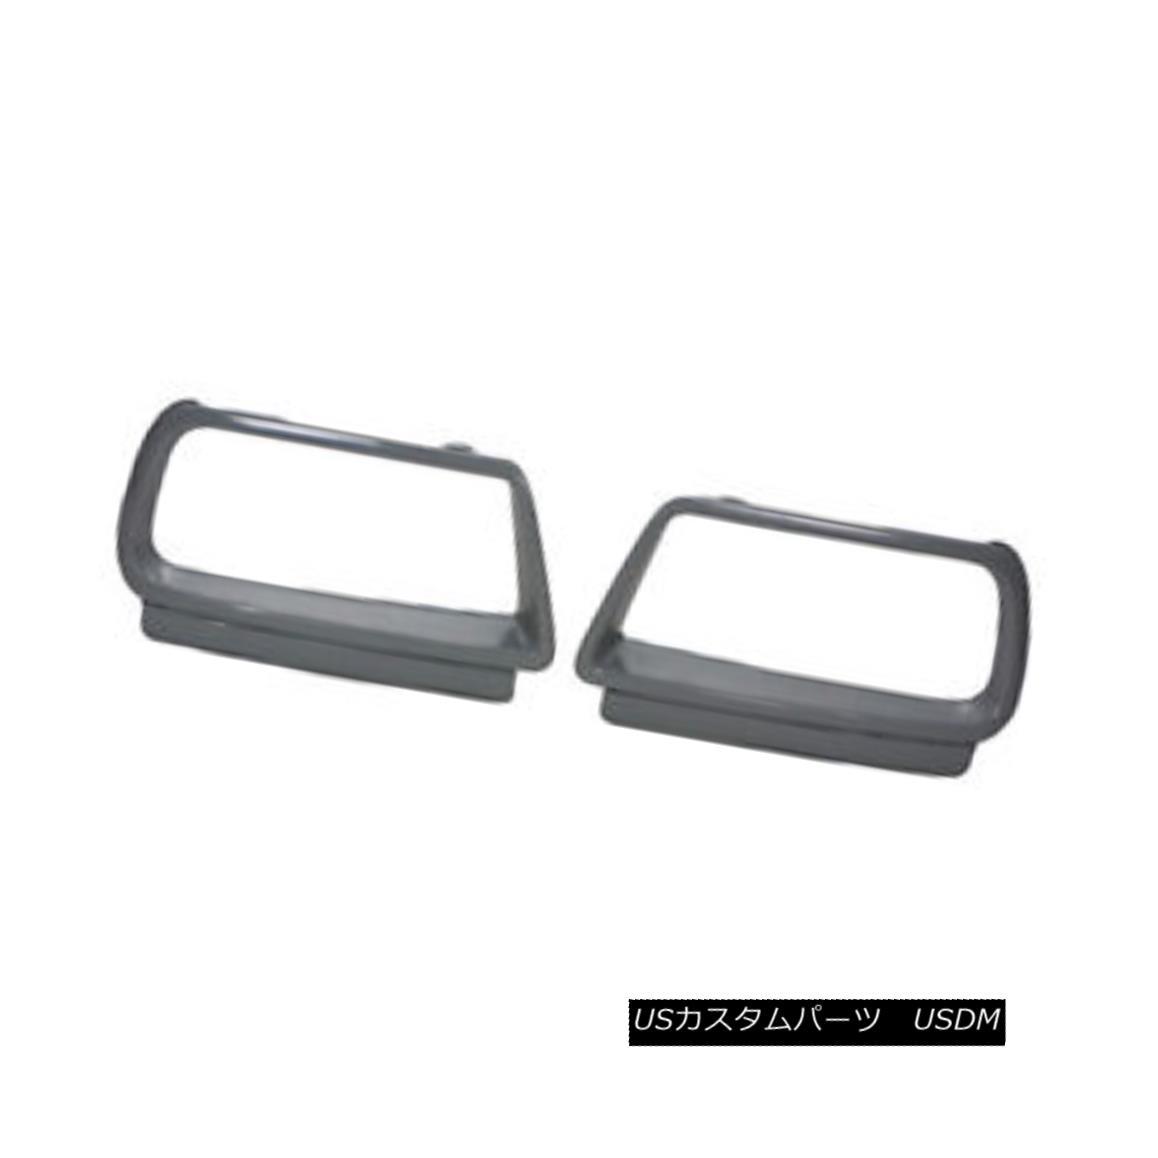 グリル New Replacement Passenger Side Headlight Door 630-50145 新しい交換用の旅客側ヘッドライトドア630-50145